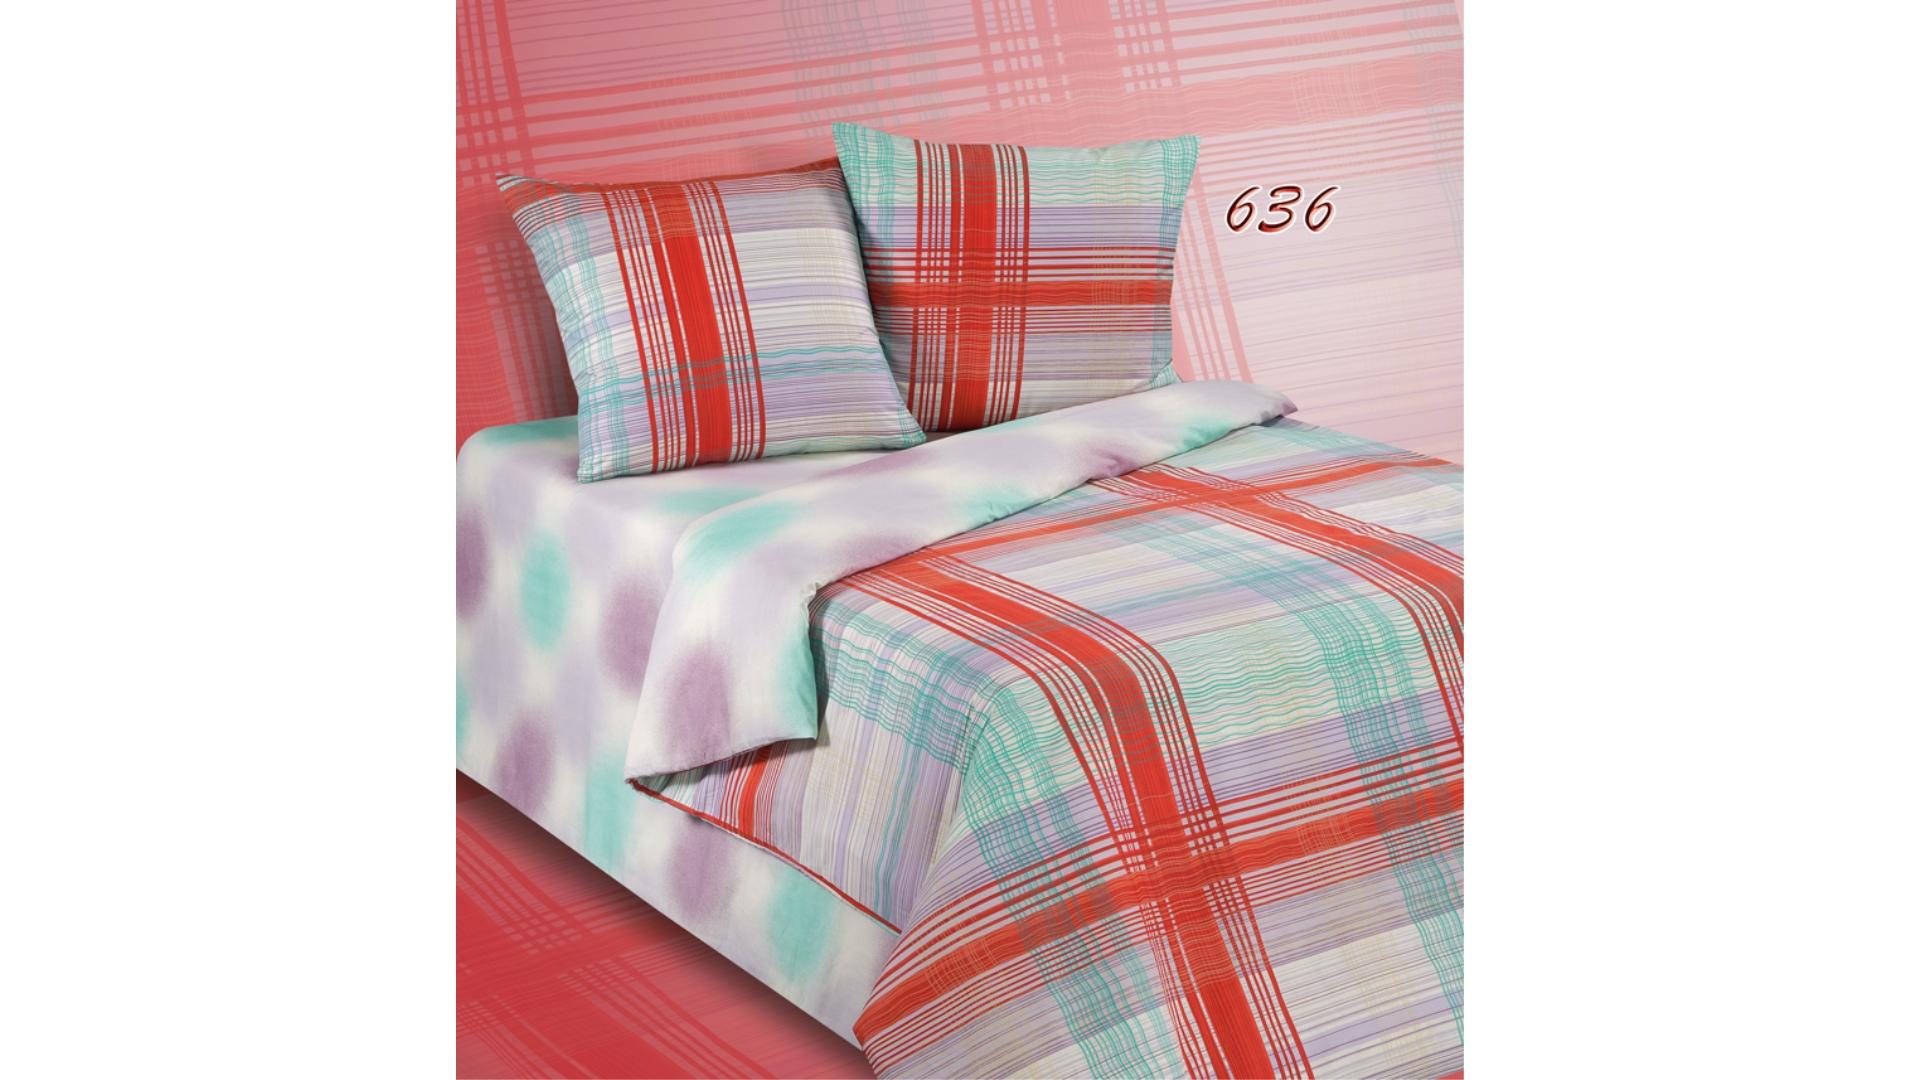 Комплект постельного белья Экзотика (636) фото FullHD (0)